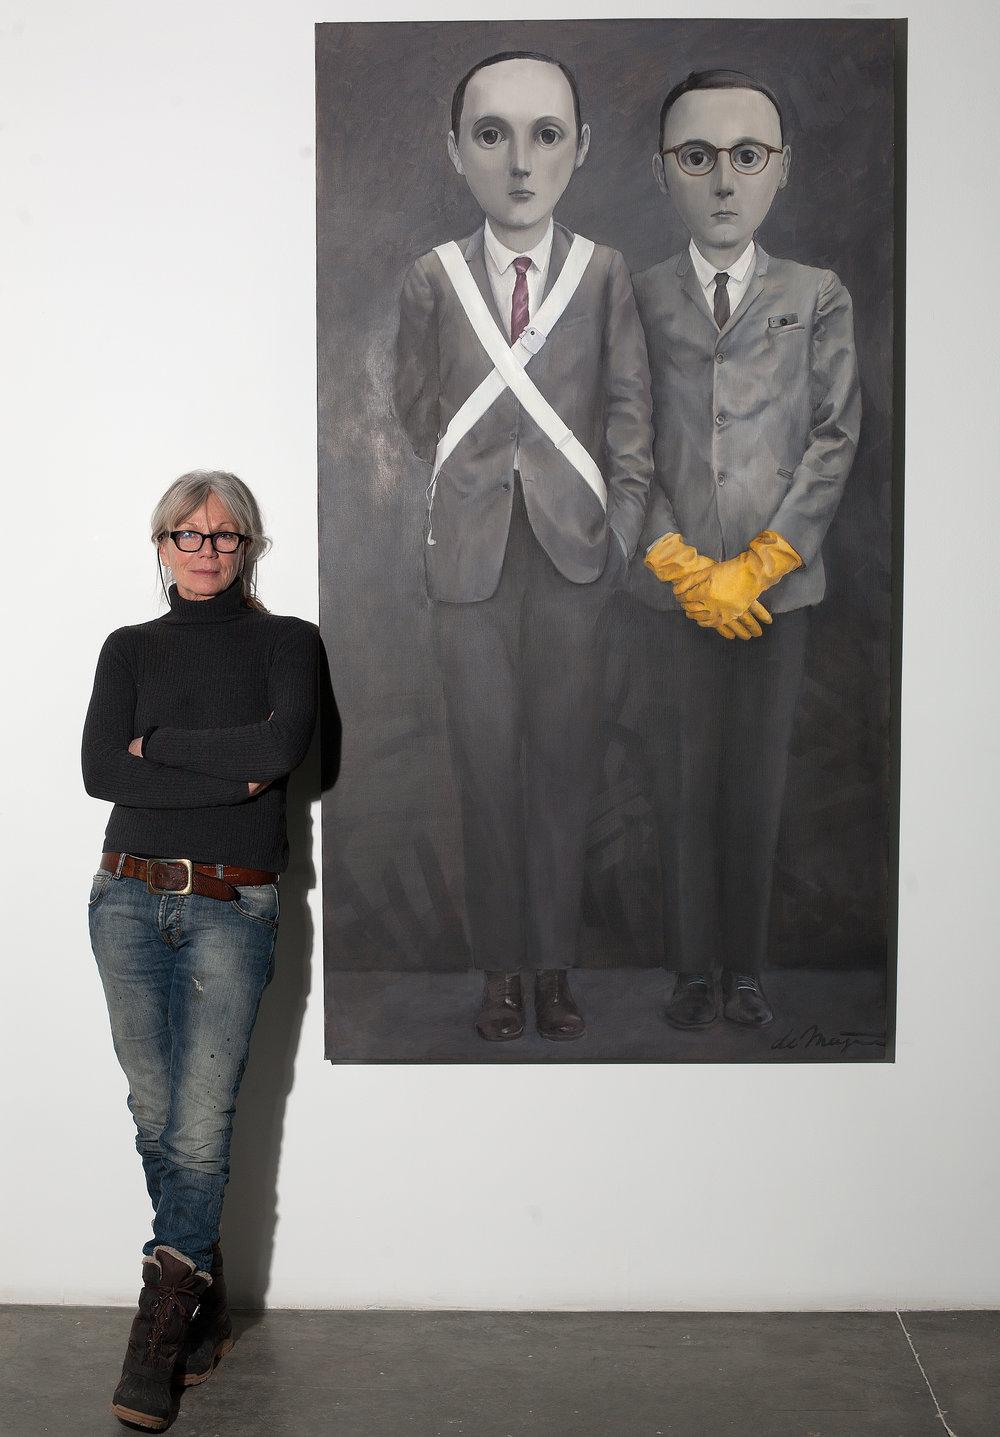 Ellen de Meijer, 2015, New York, NY